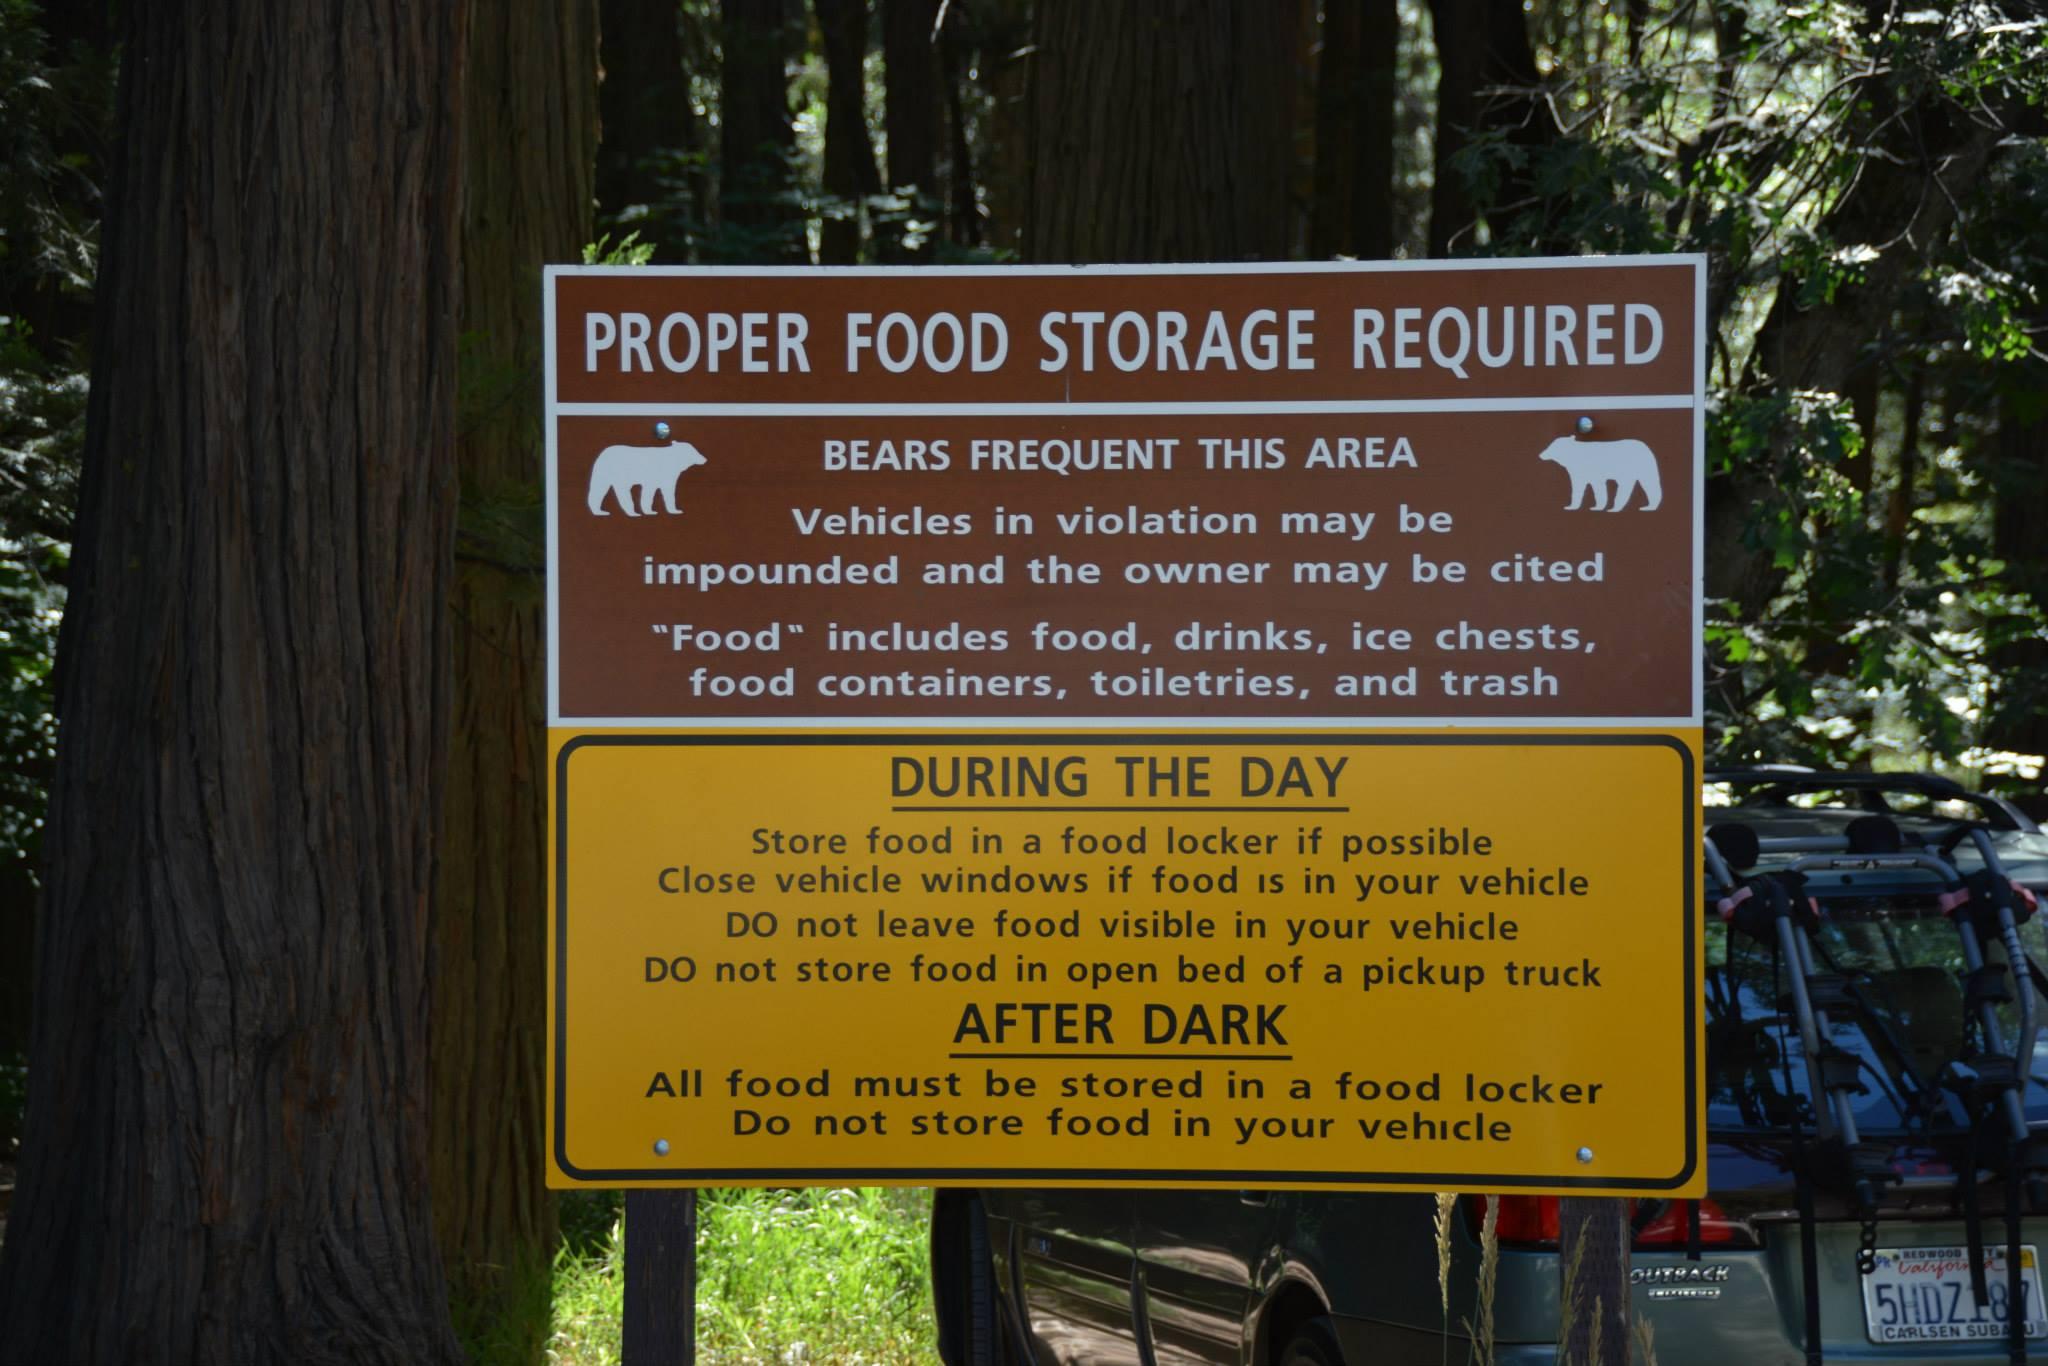 שלטי התנהלות עם מזון בארץ הדובים